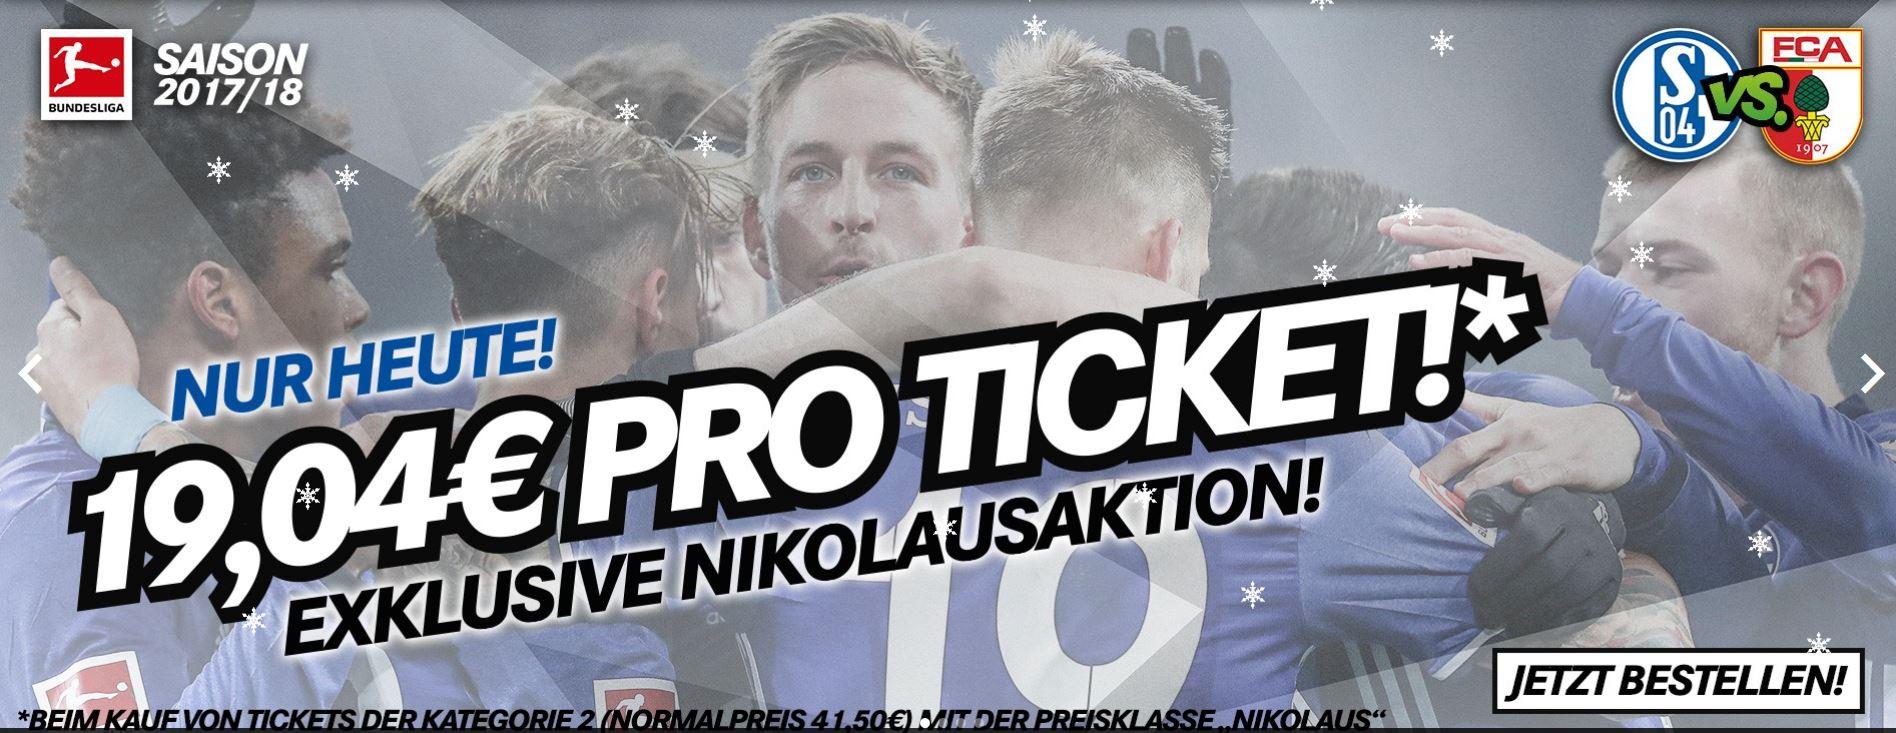 Nur heute: 19,04 € pro Ticket [13.12.17, 20:30 Uhr FC Schalke 04 - FC Augsburg]